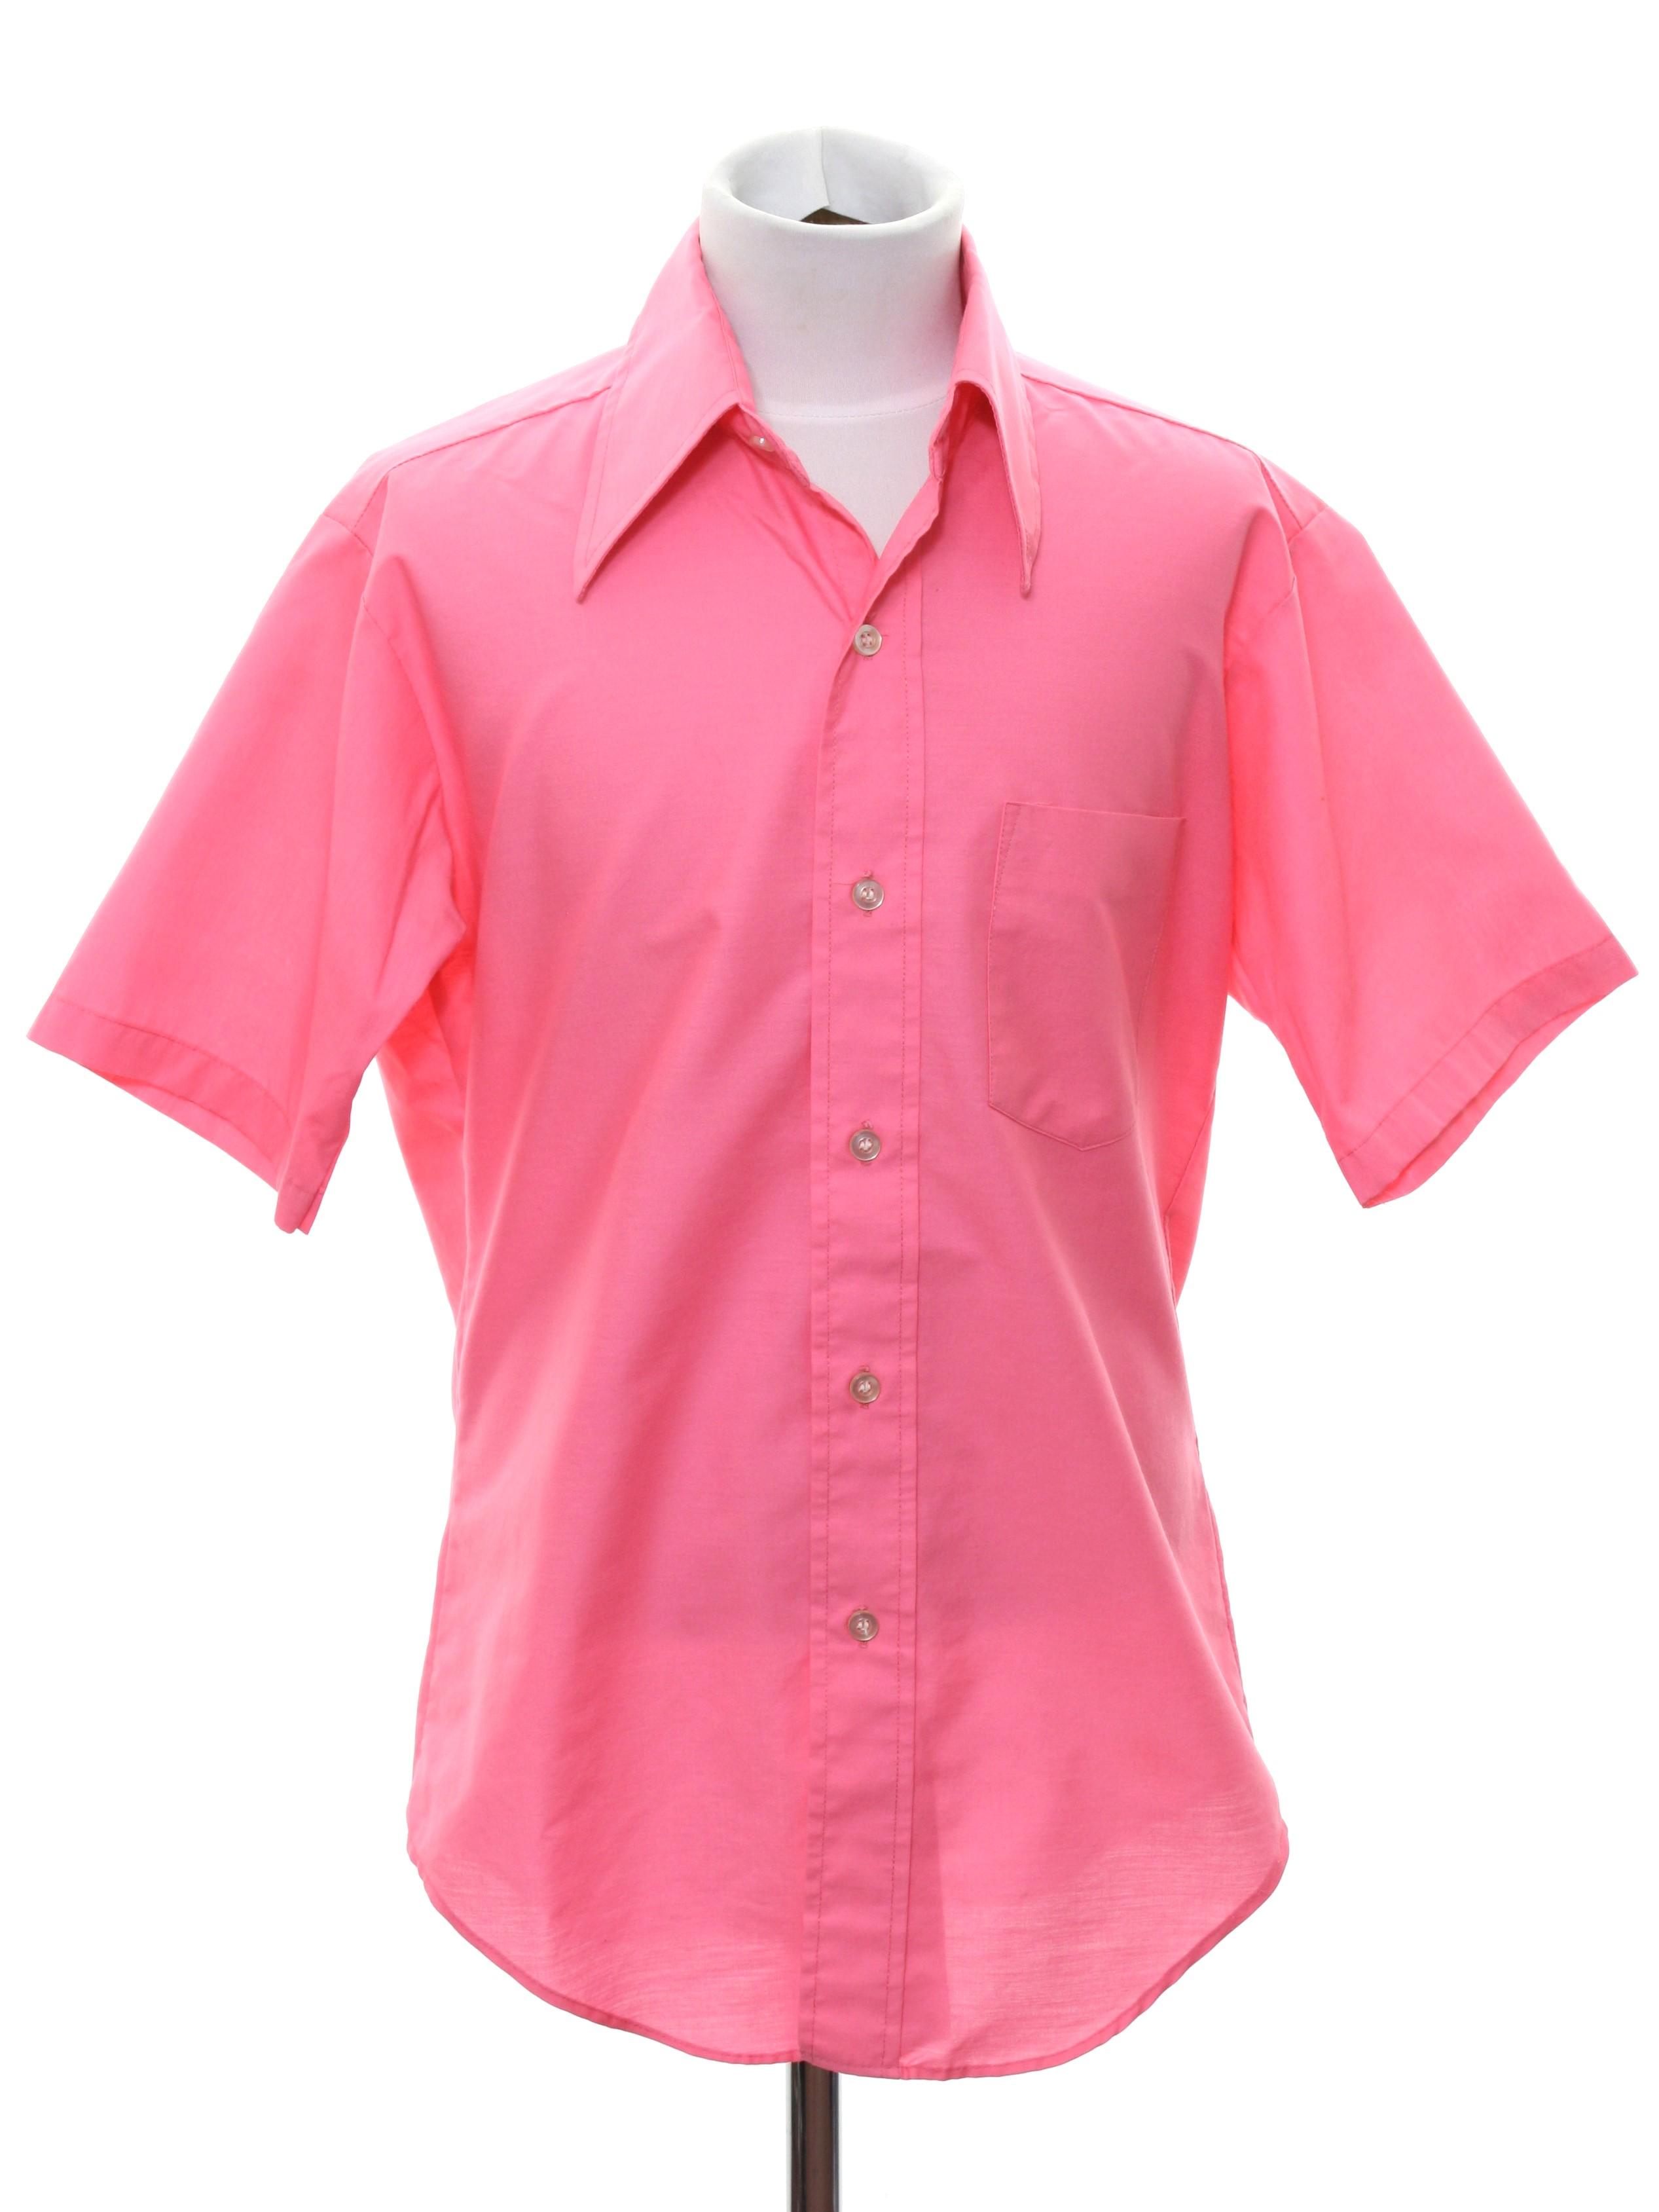 9d3f8fba Eldorado Seventies Vintage Shirt: 70s -Eldorado- Mens or Boys bright ...